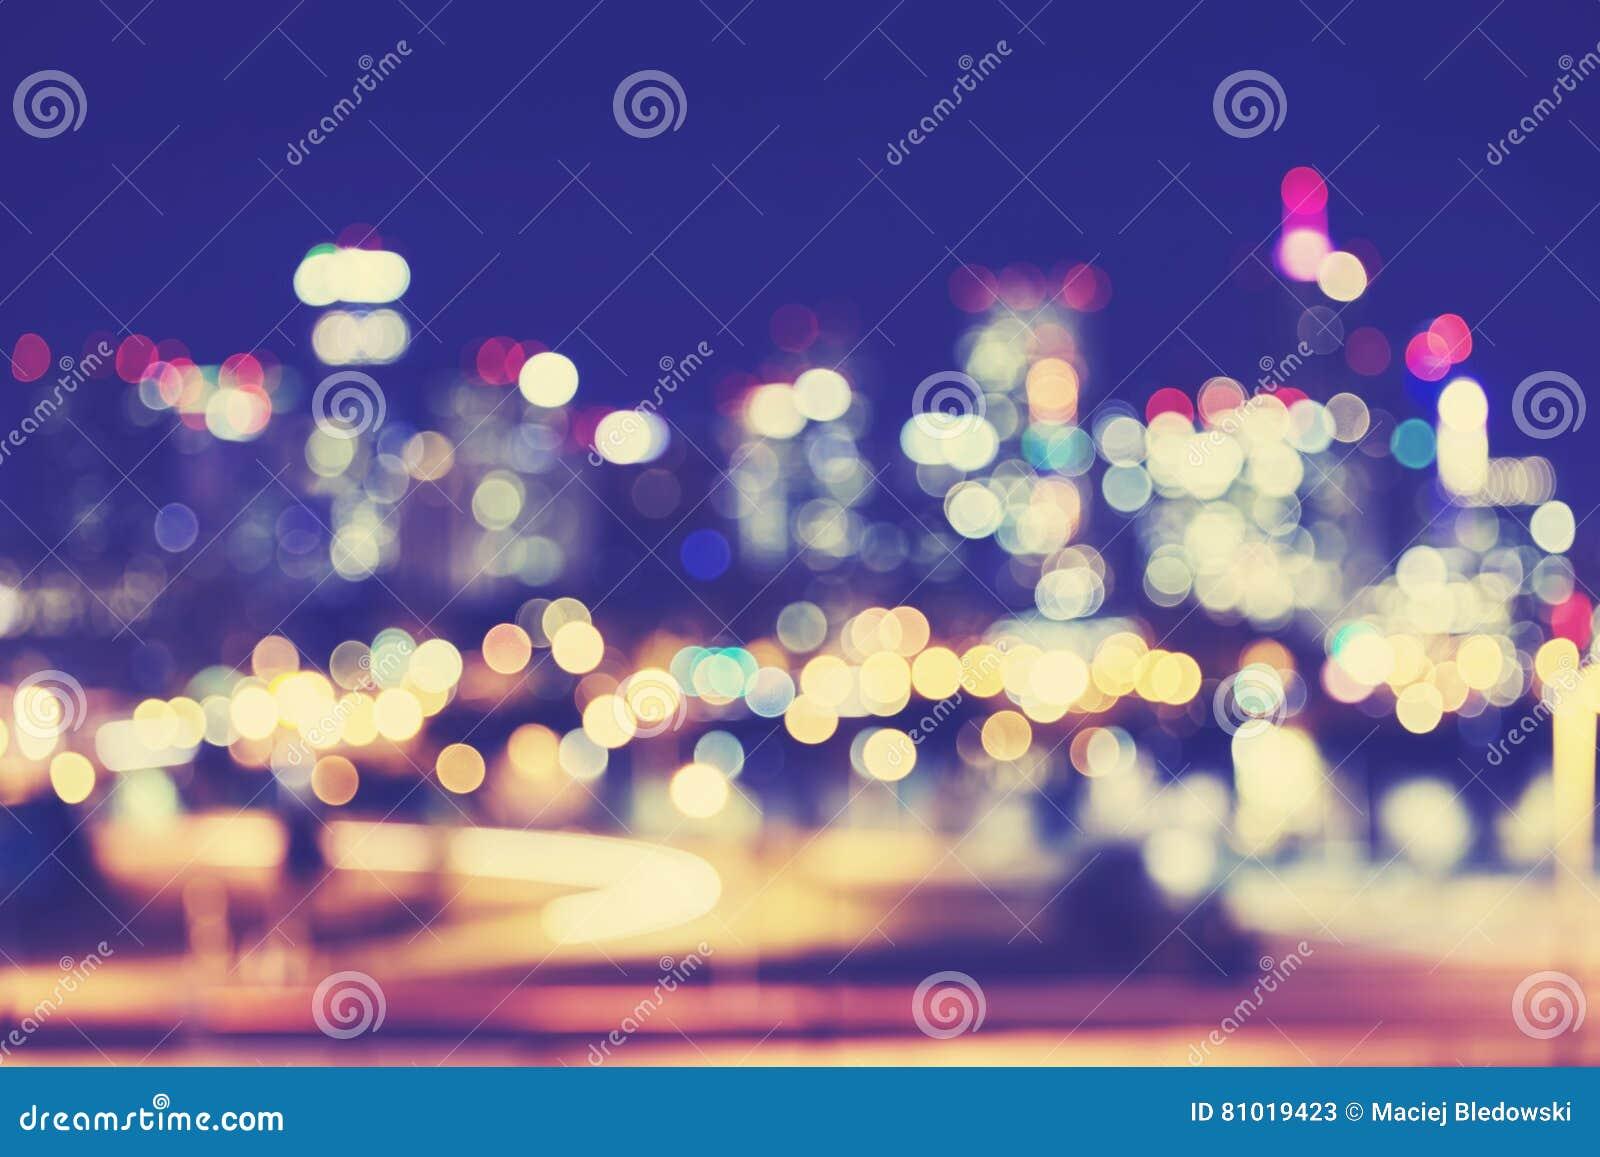 Download Vintage Toned Blurred Denver City Lights At Night. Stock Image    Image Of Vintage